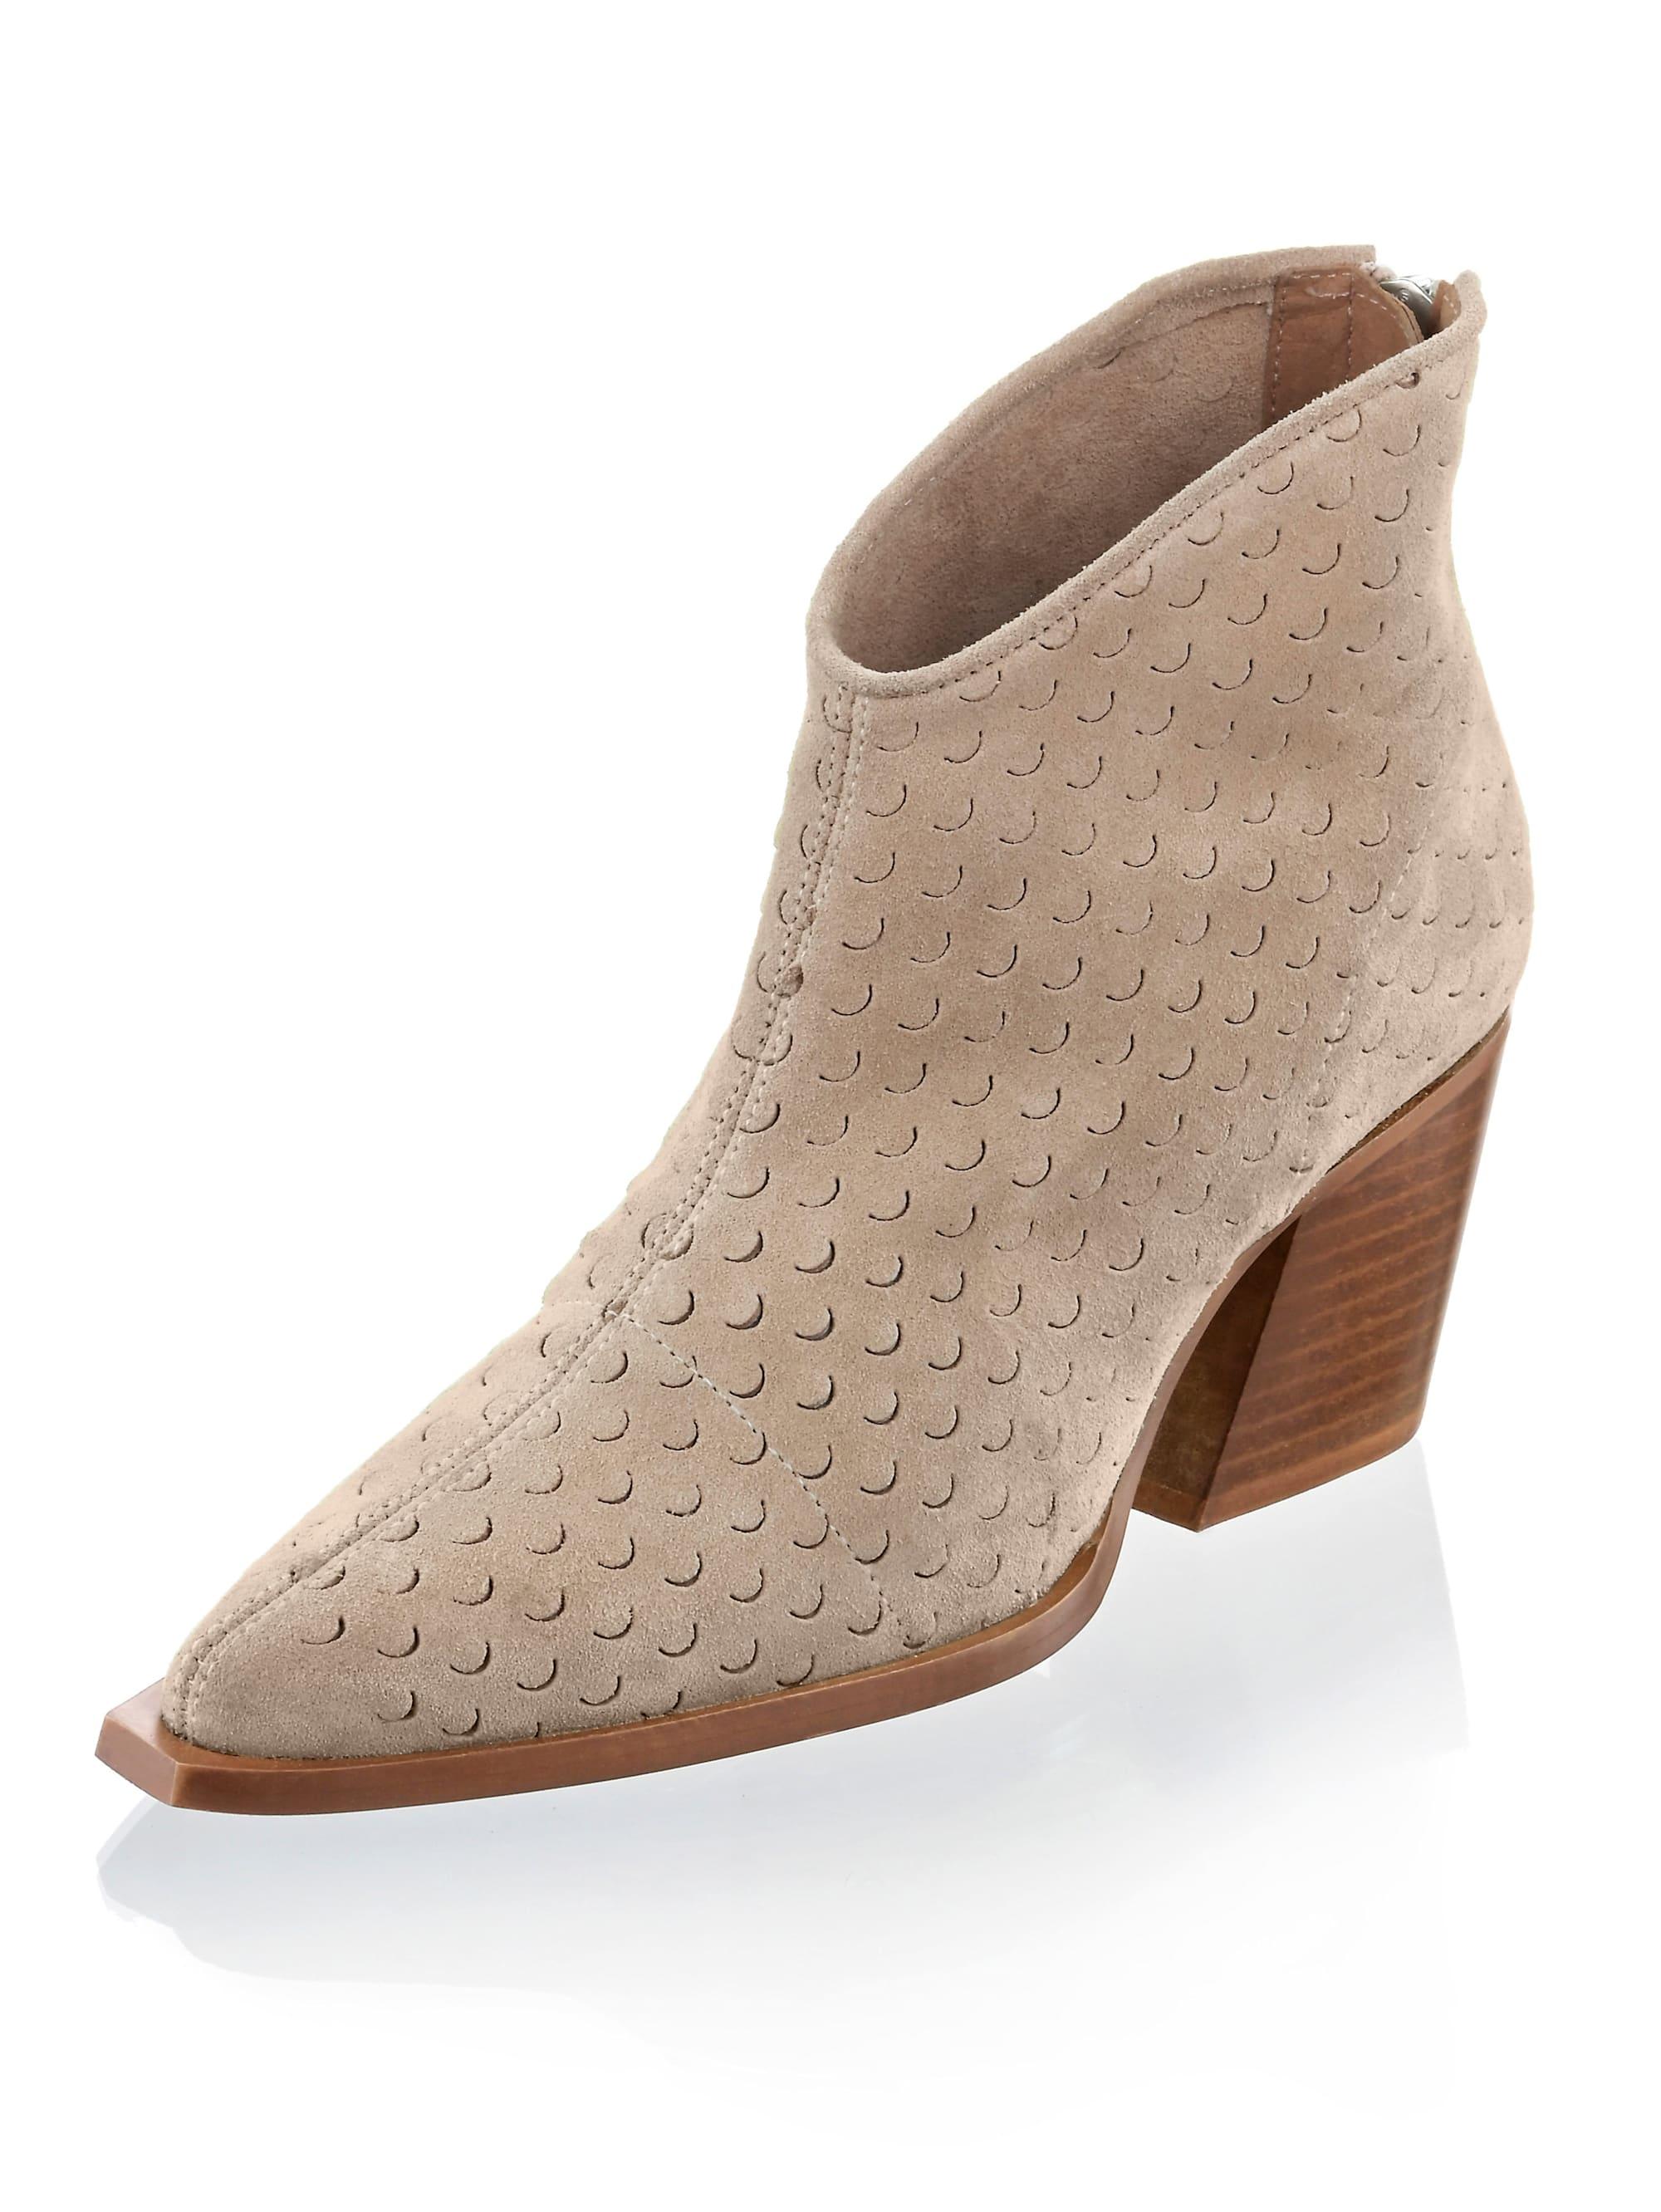 alba moda -  Cowboy Boots, im Cowboy-Style